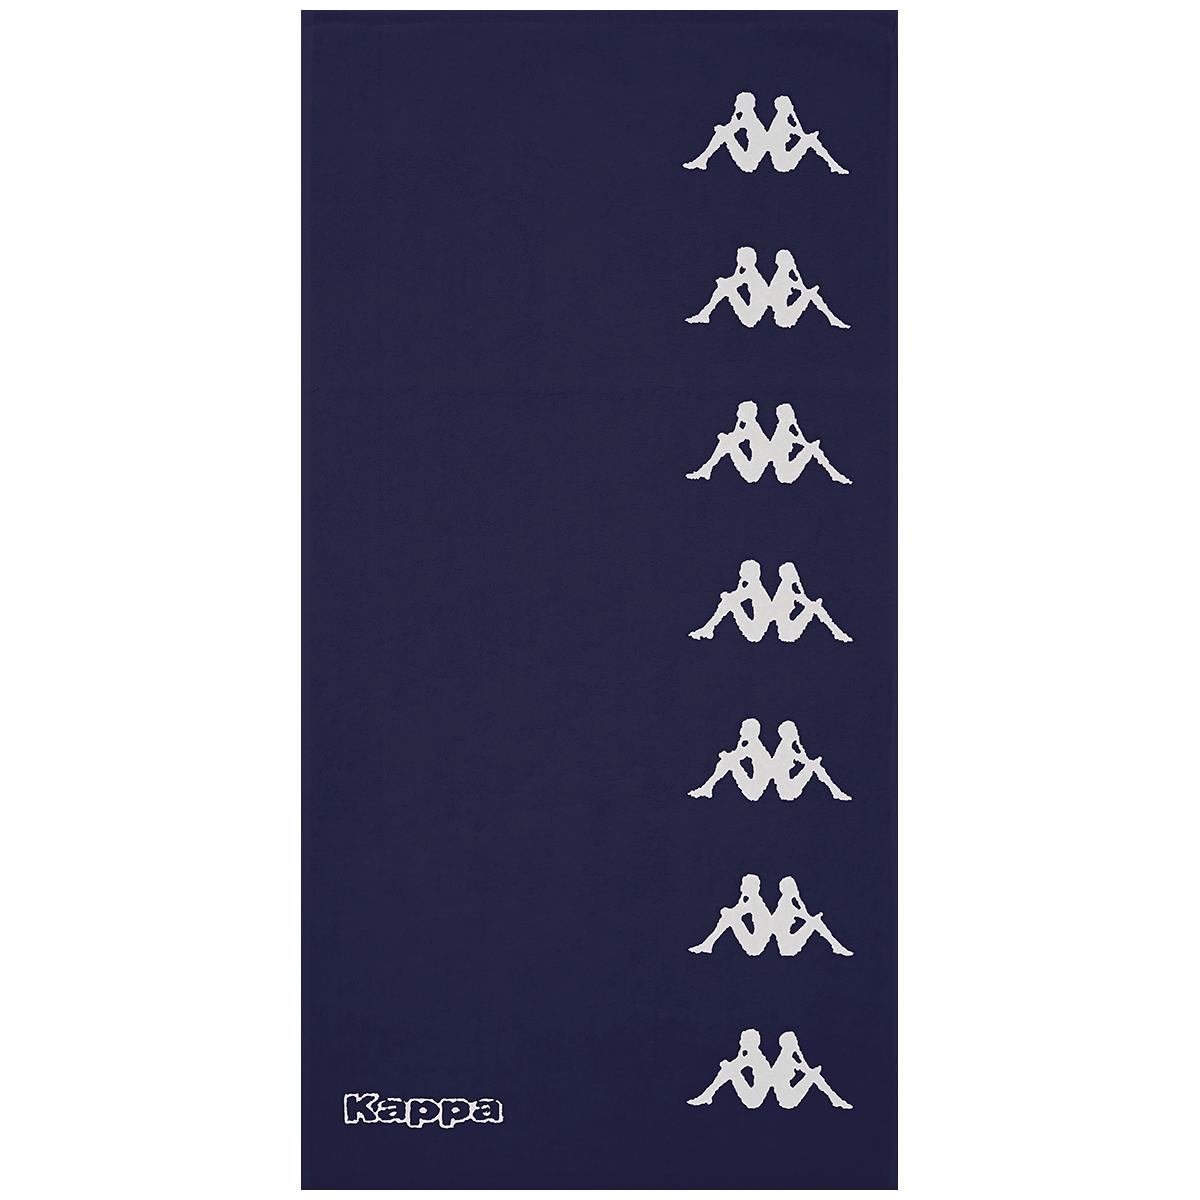 Vulcan FC Kappa CALEIPO Towel 311542W 193